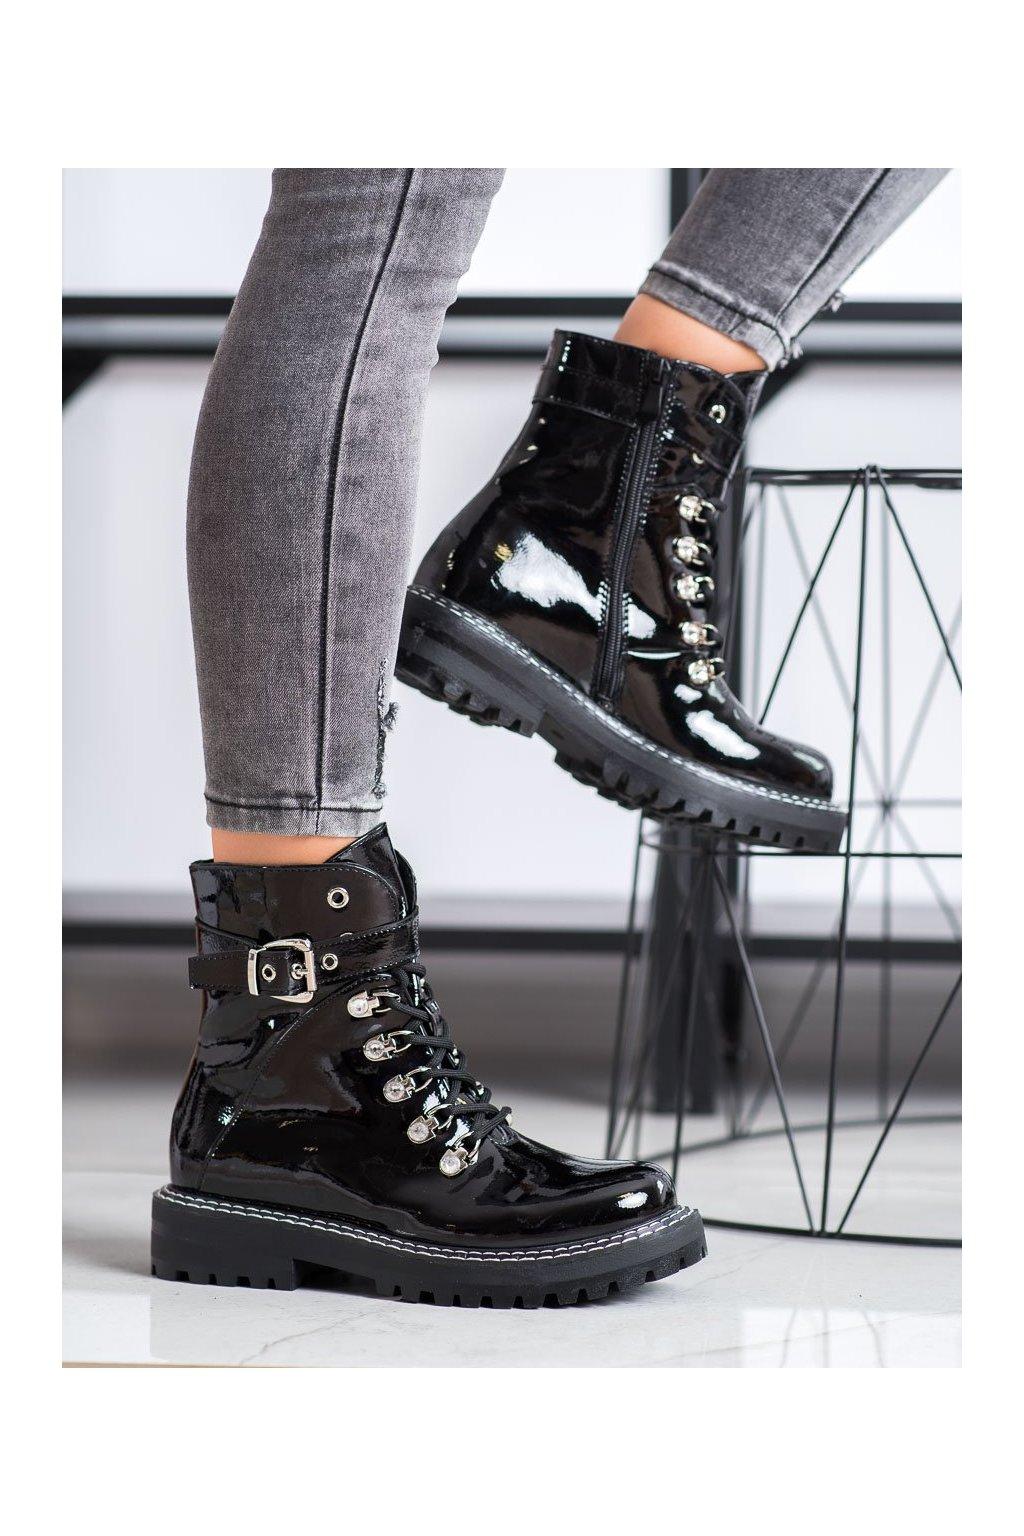 Čierne dámske topánky Sds kod 8120-PA-B